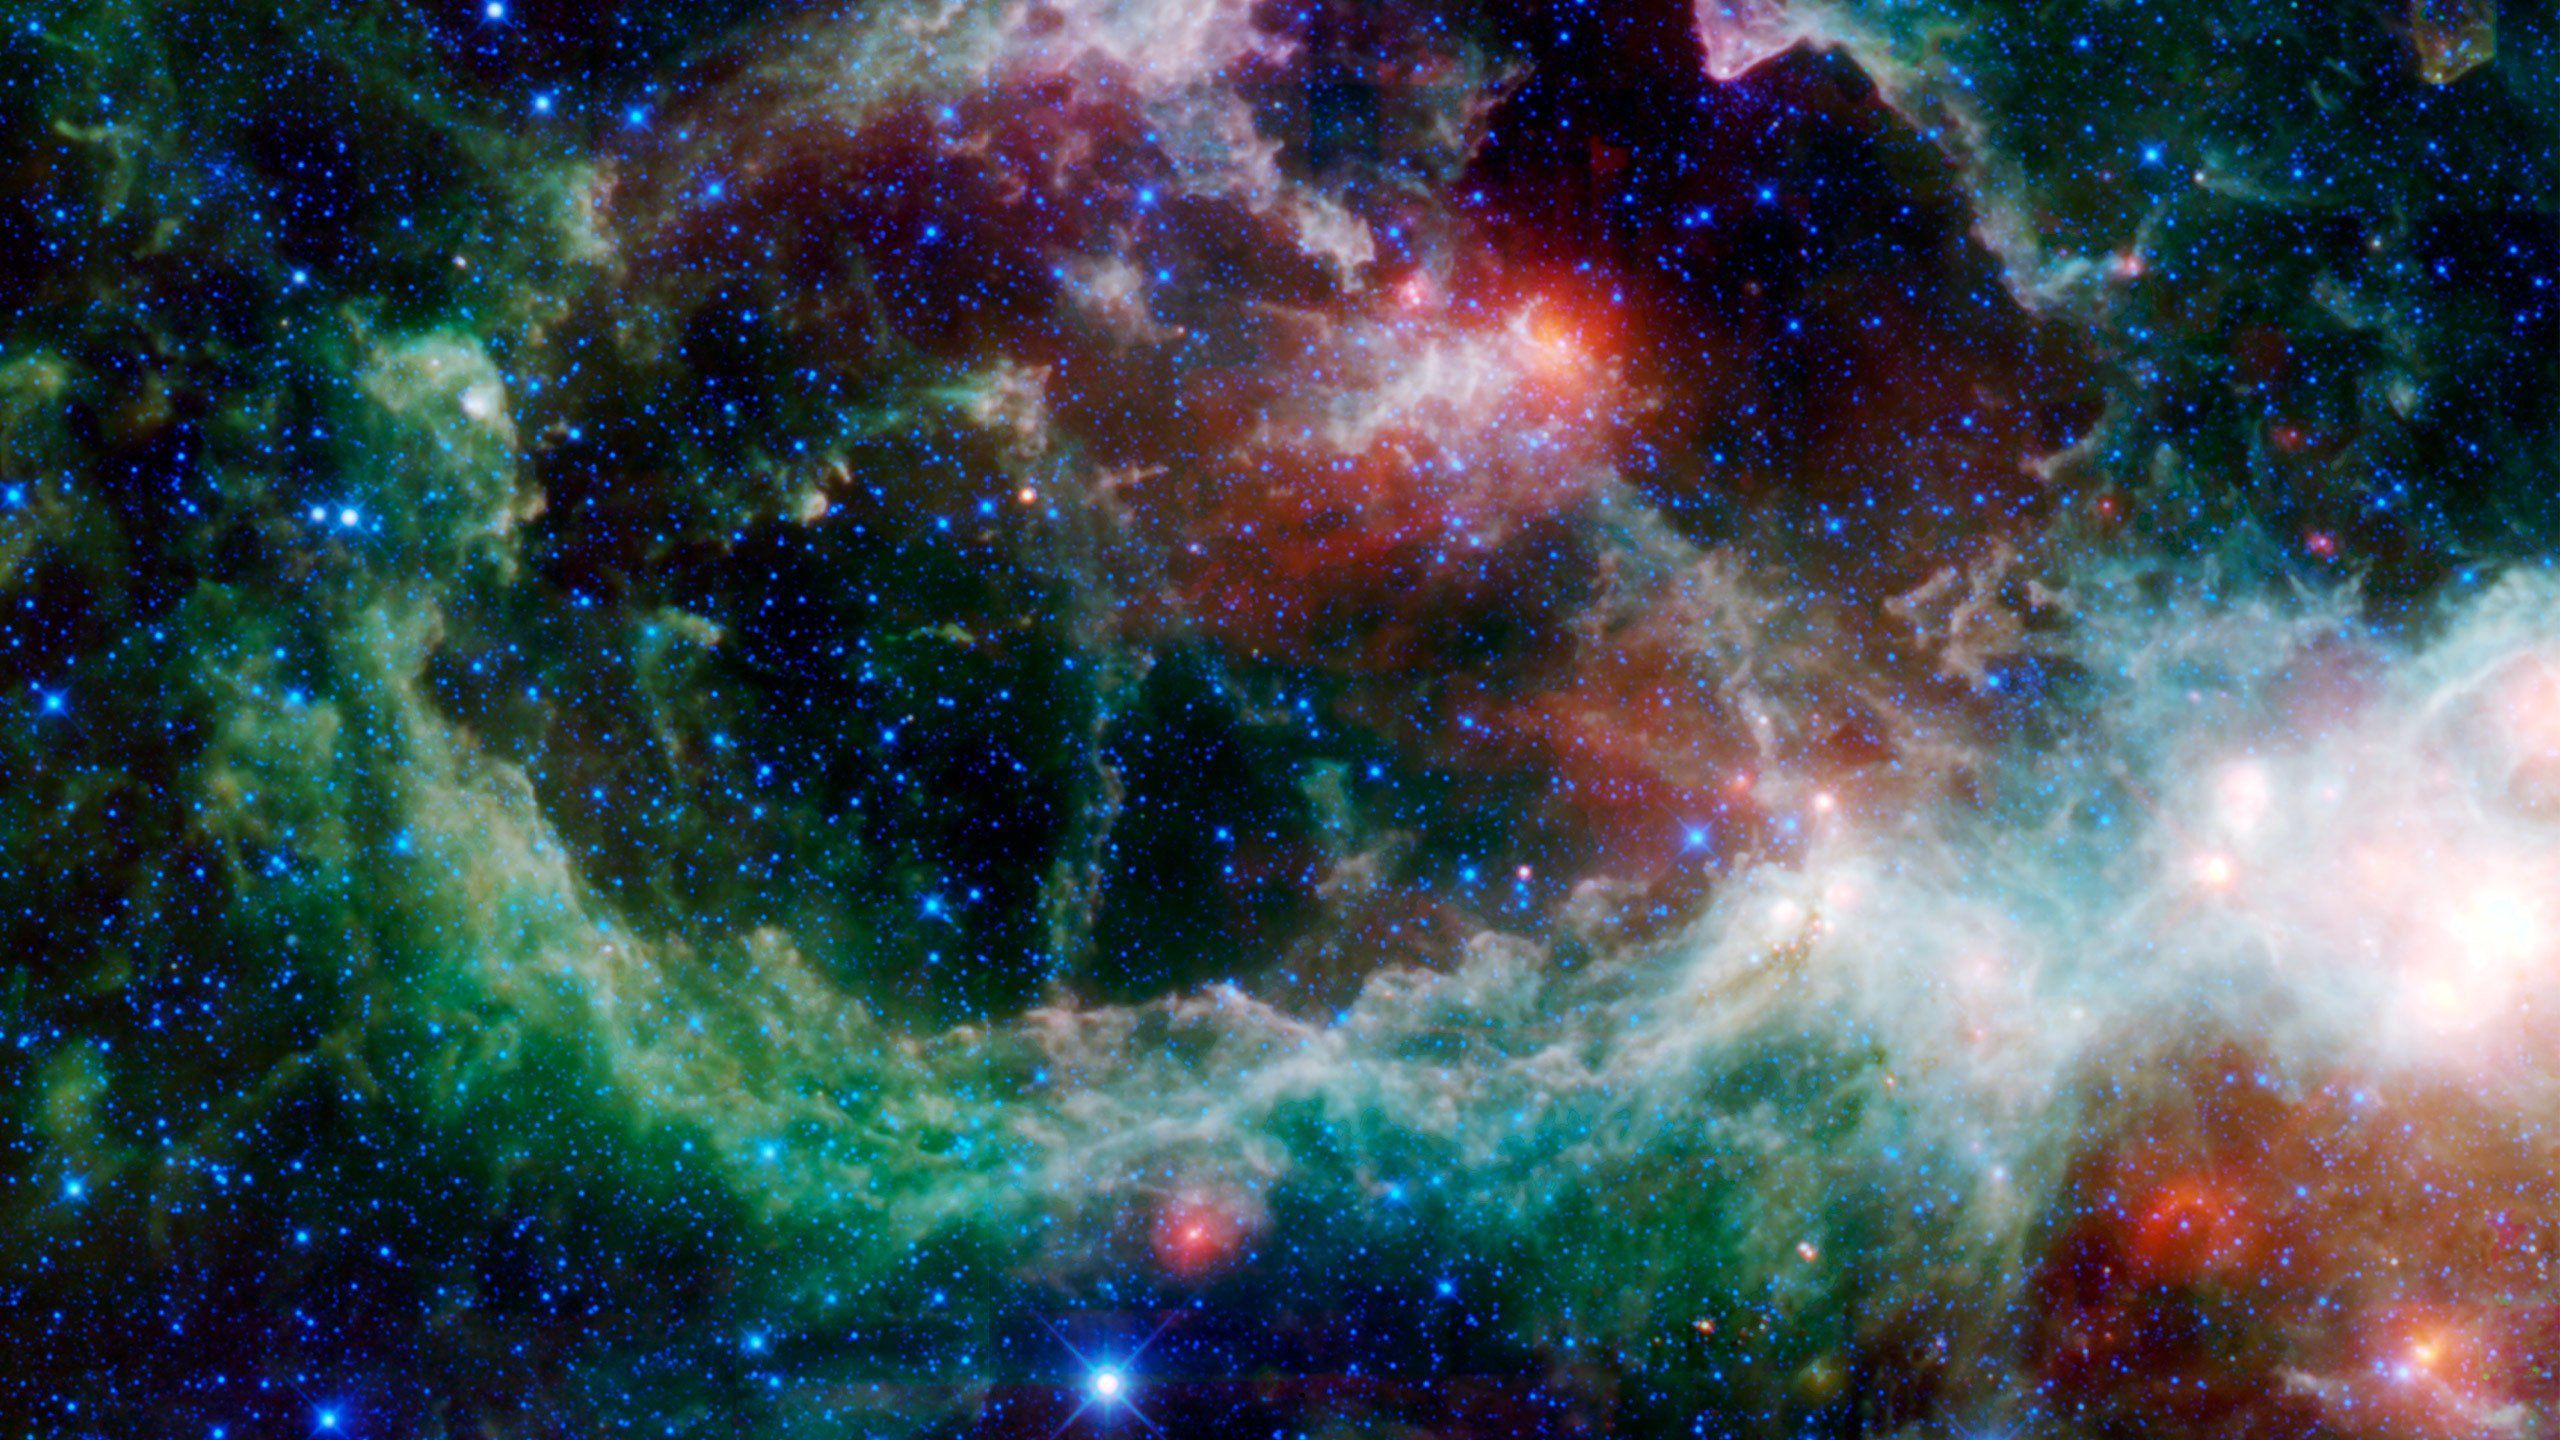 2560x1440 phổ quát.  Không gian hành tinh thiên hà hành tinh sao ngôi sao vũ trụ hình nền